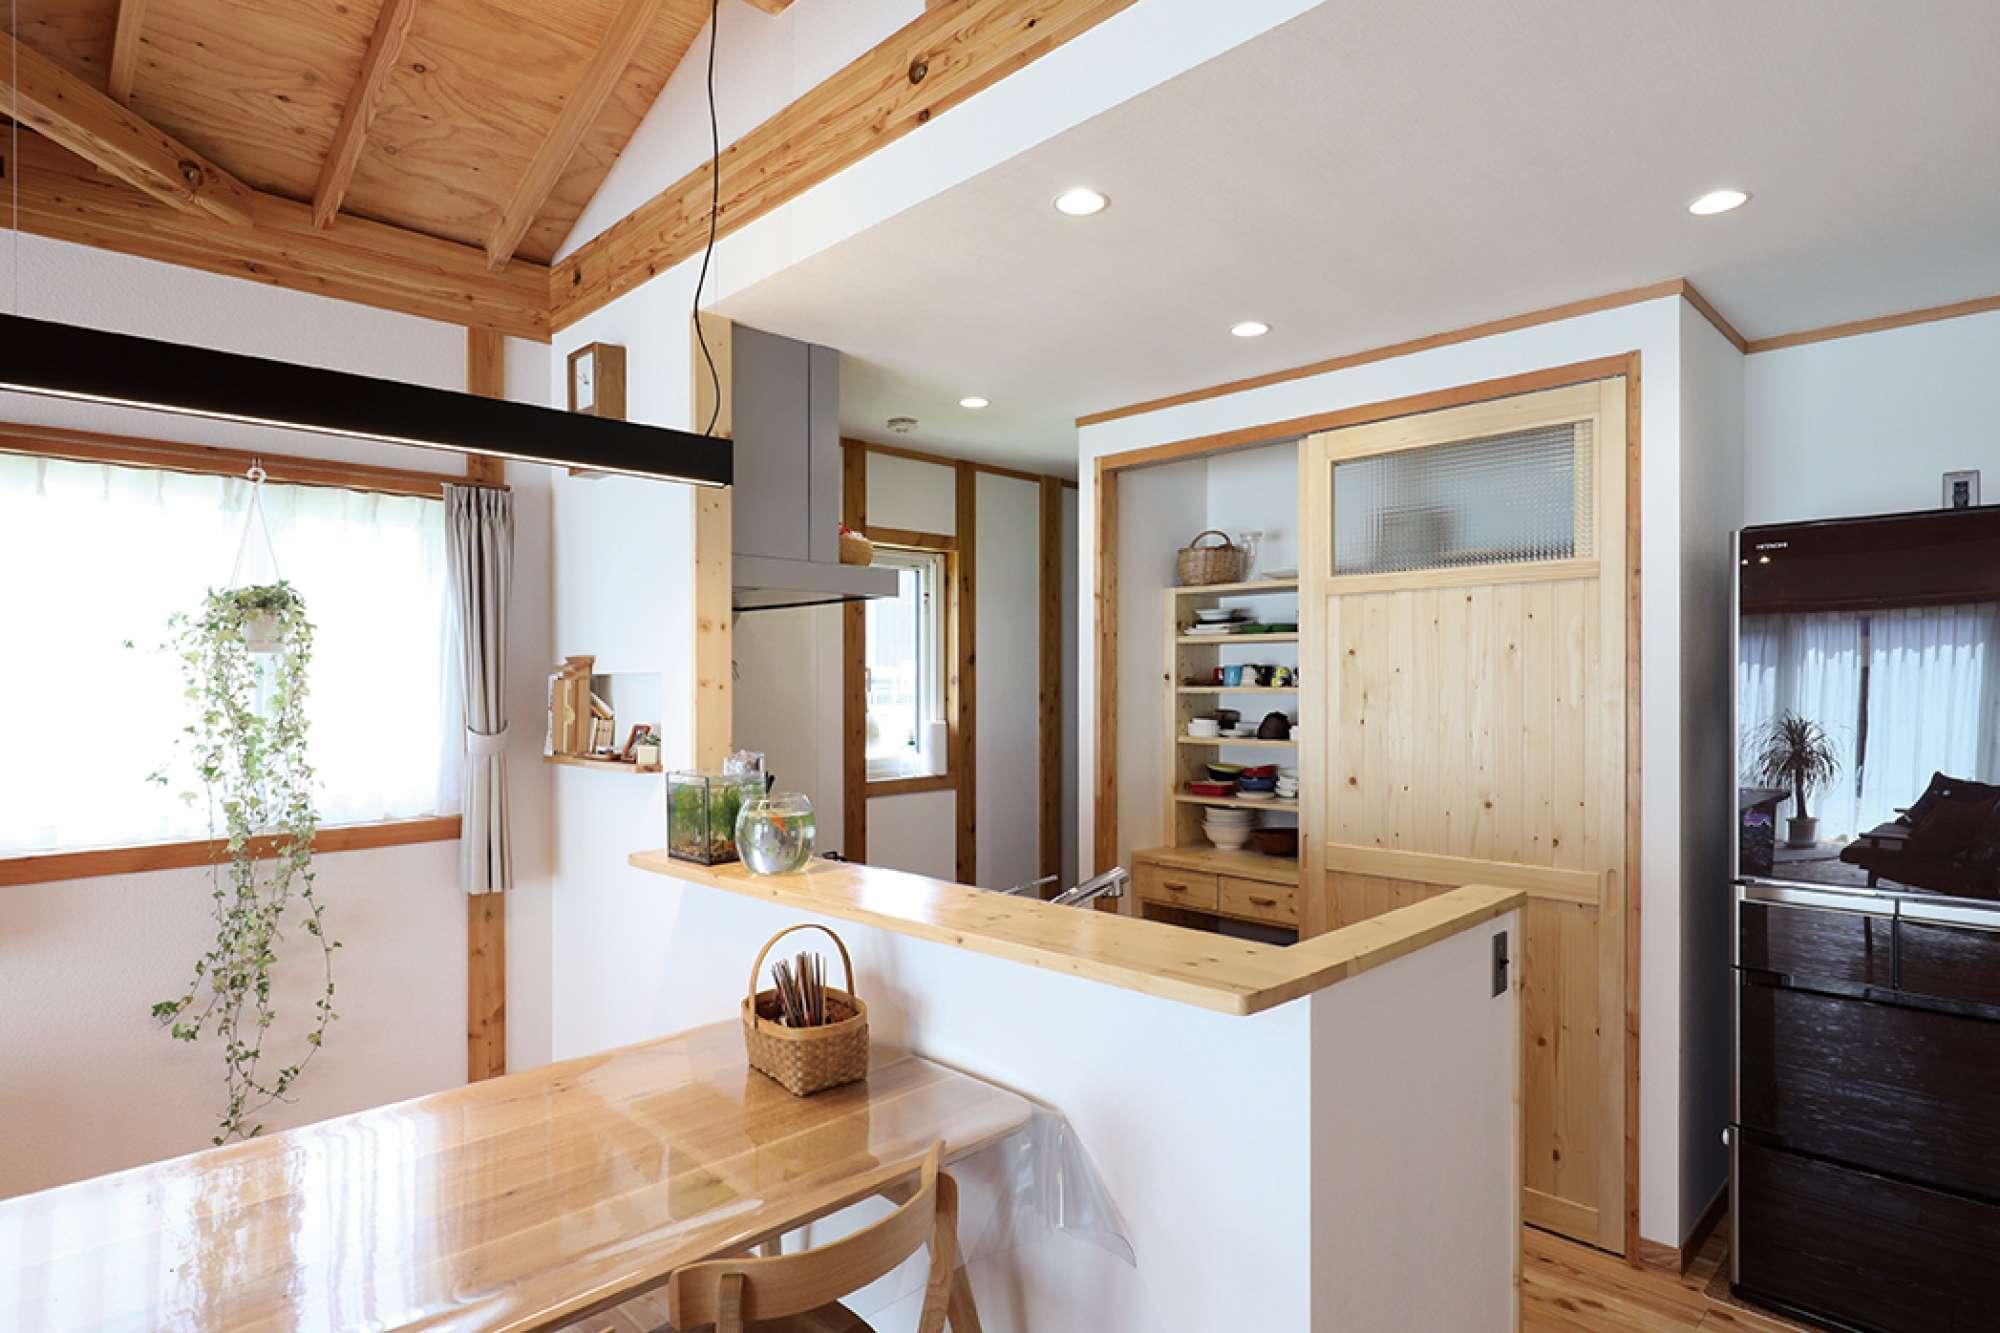 対面式キッチン。食器棚も造作。その左奥がパントリー -  -  -